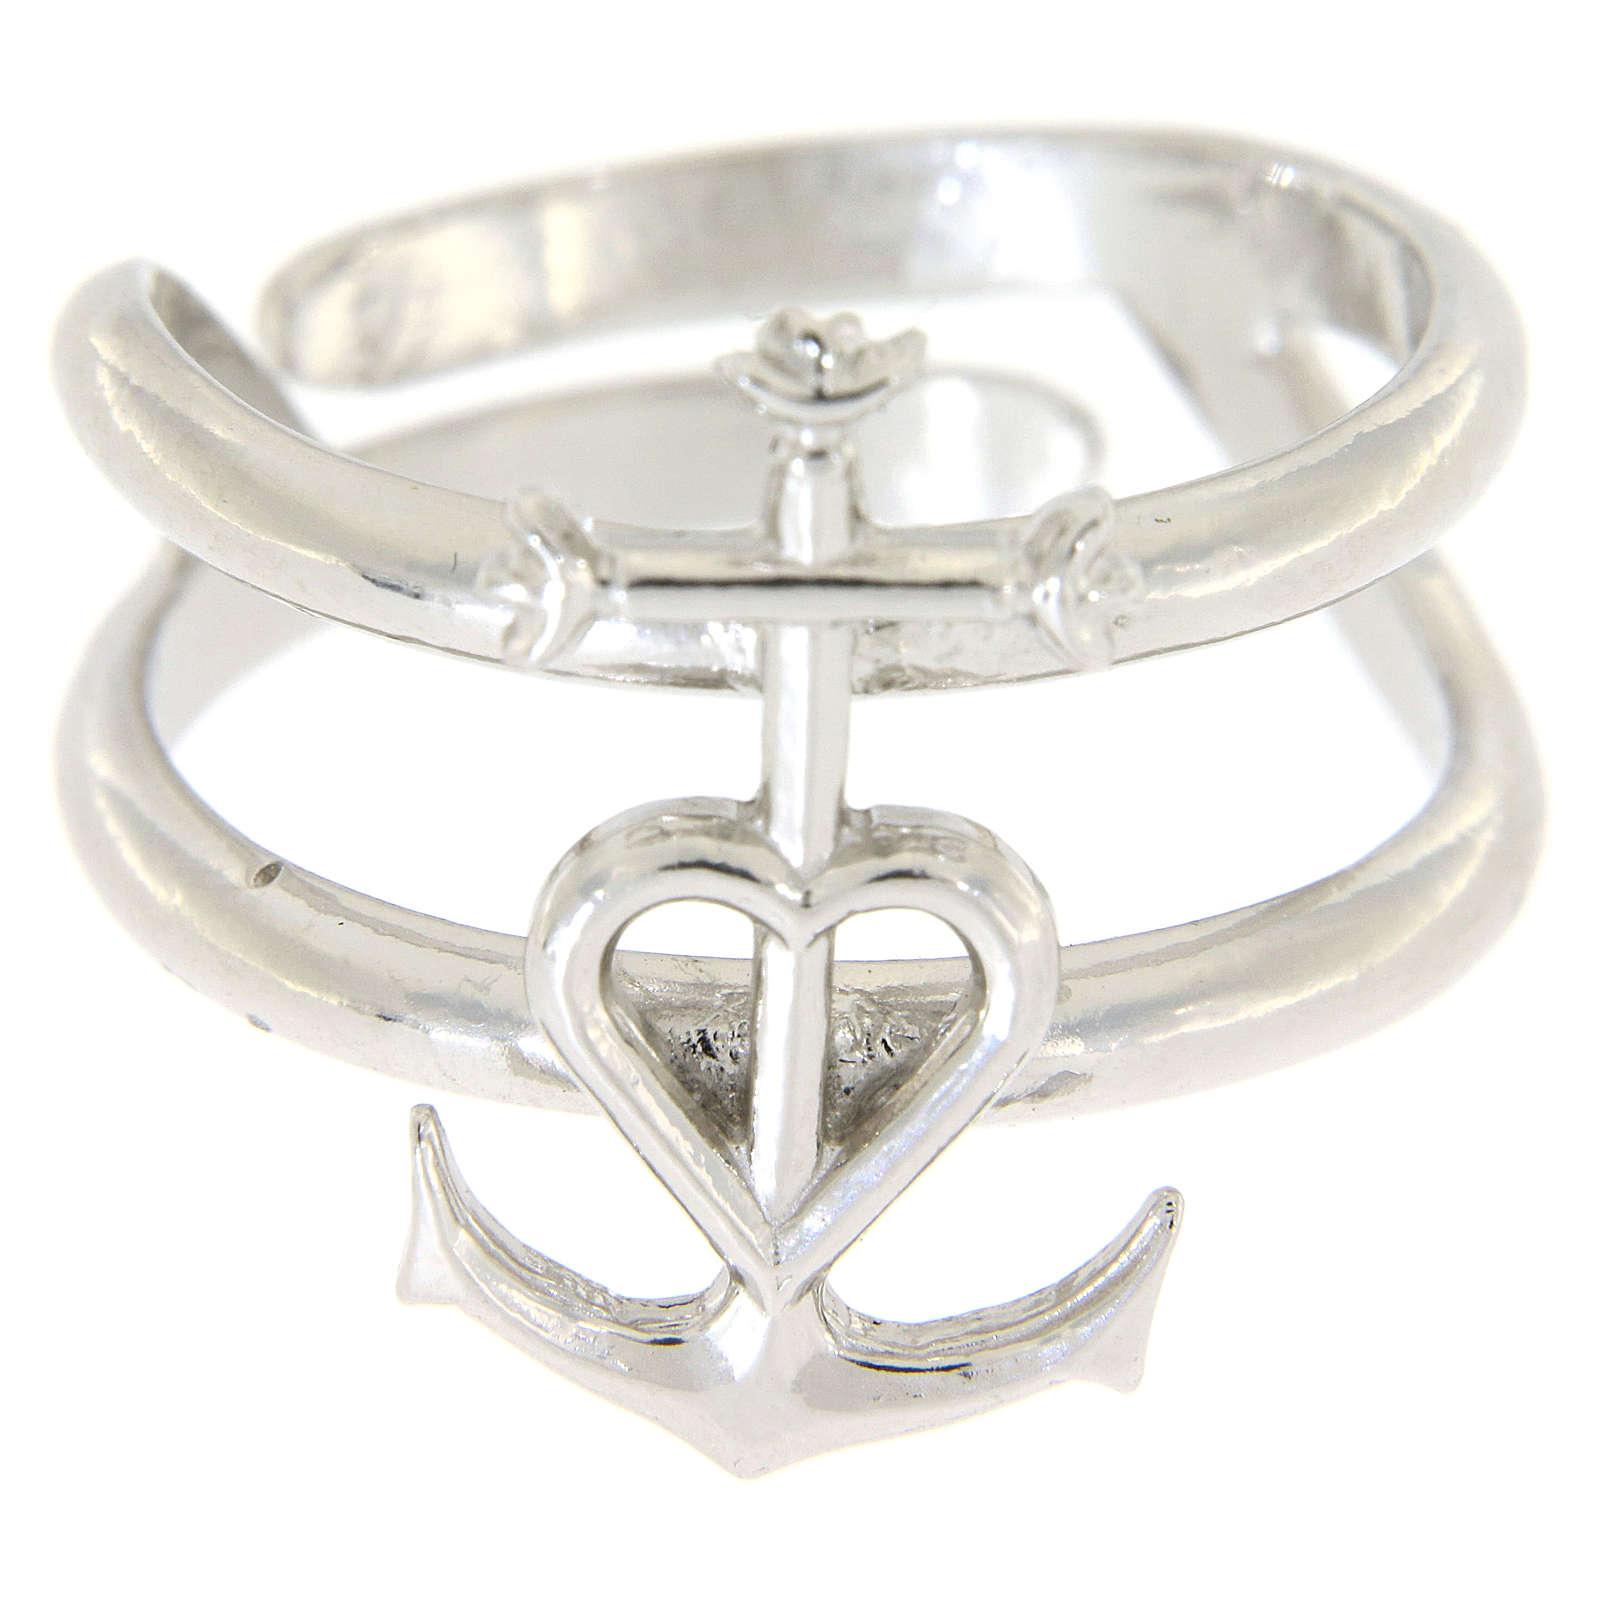 Anello regolabile in argento 925 Fede Speranza e Carità 3